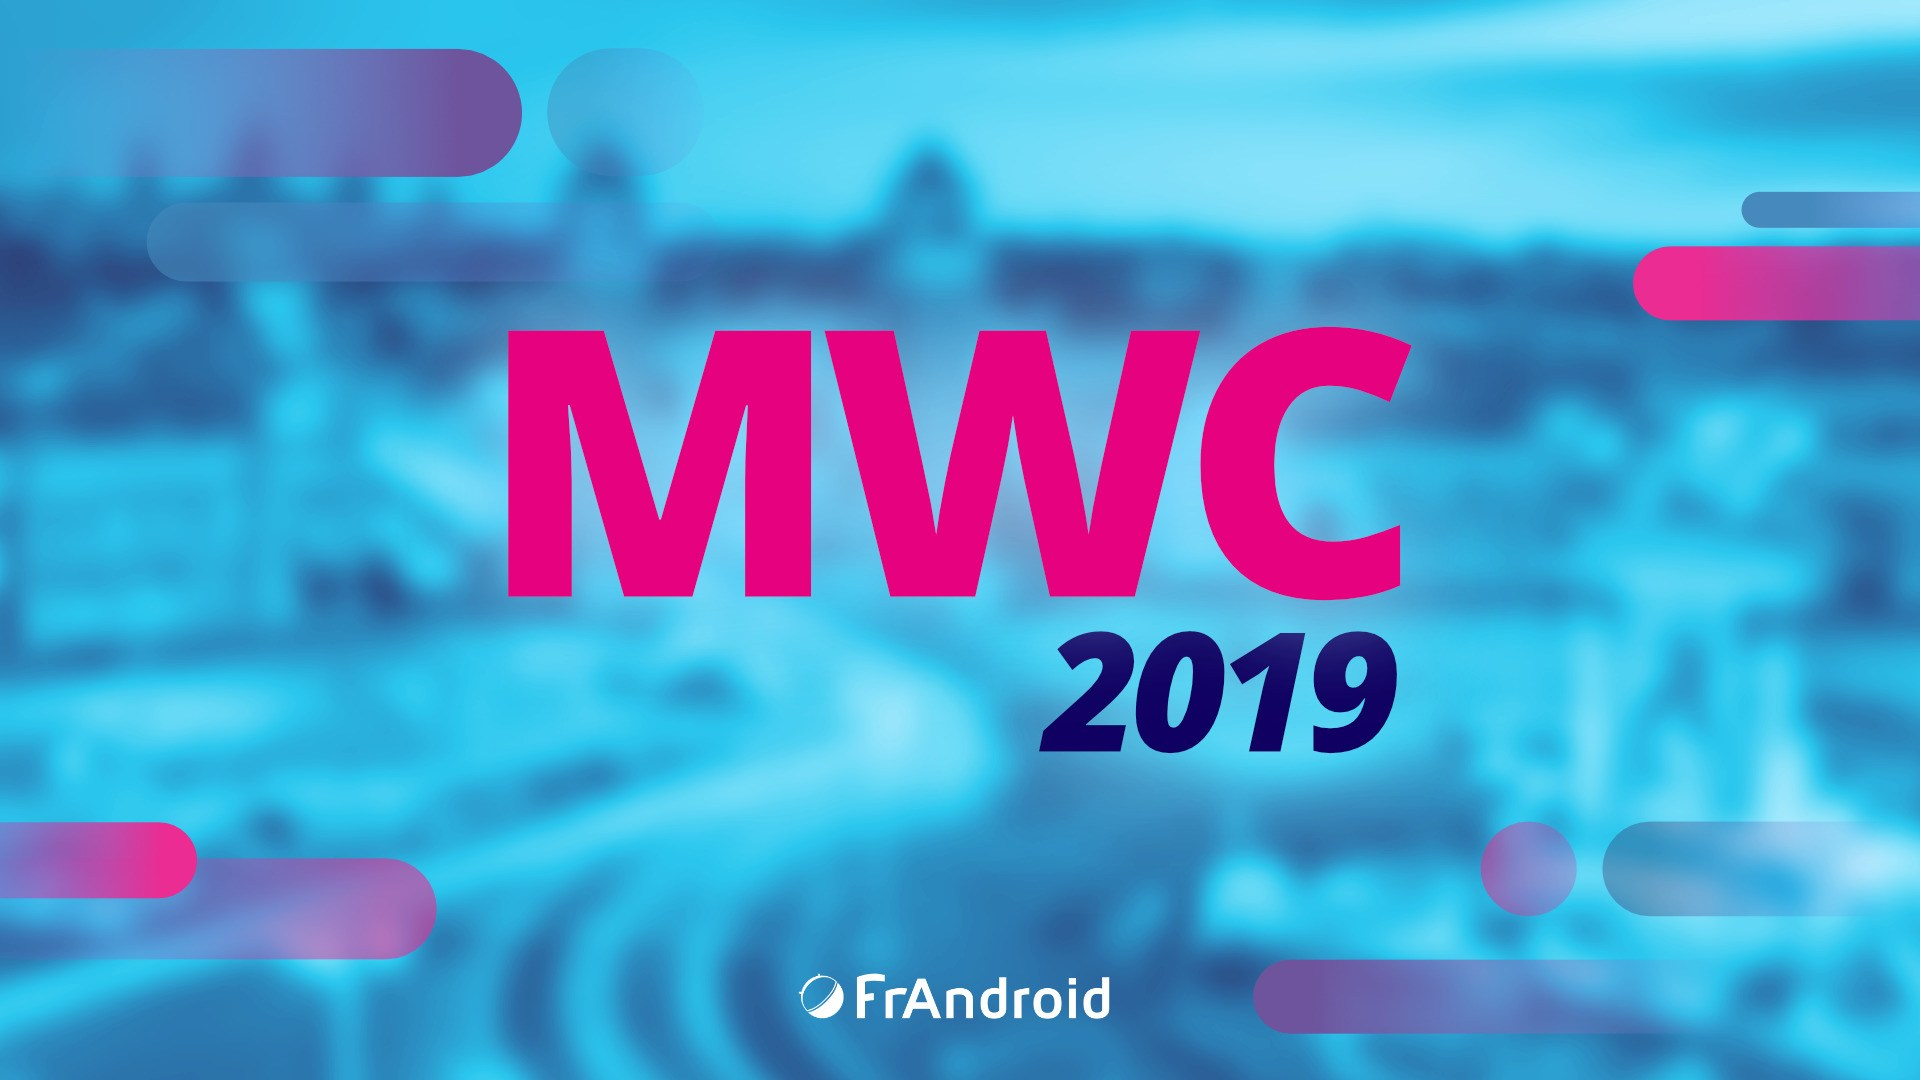 Votez pour l'appareil qui vous a le plus marqué durant le MWC 2019 !